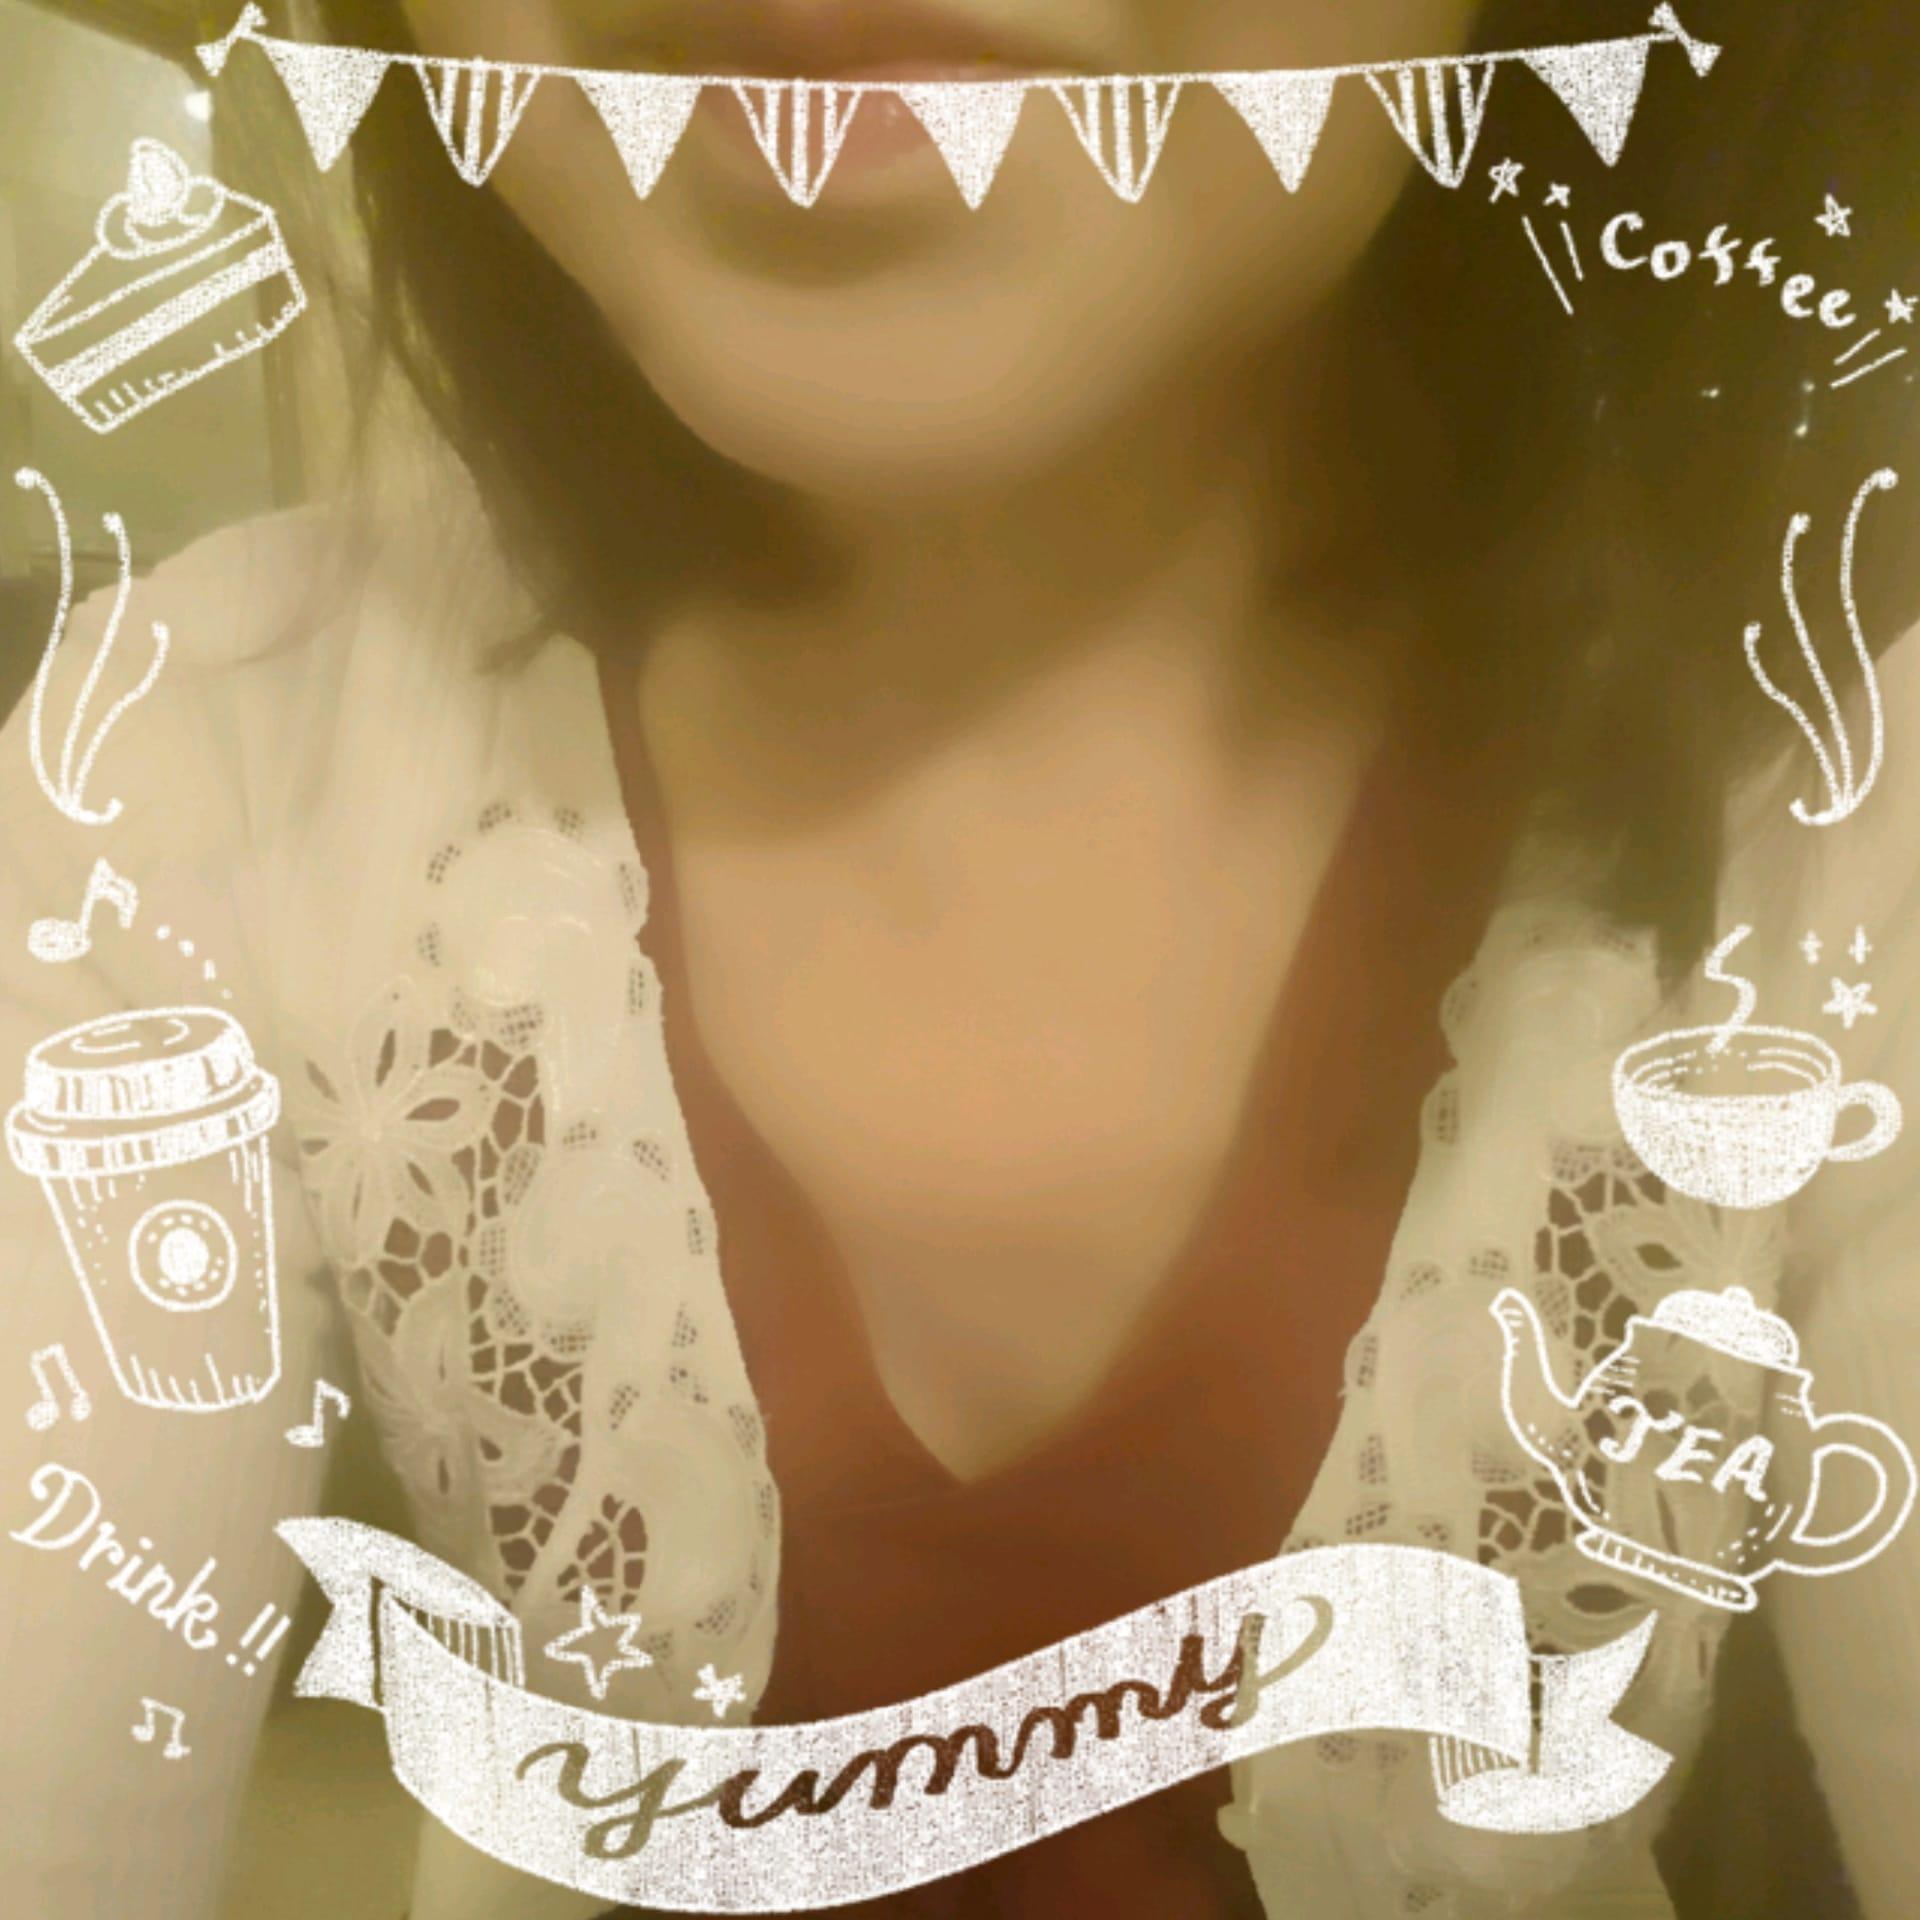 あさみ「充電完了(*^^*)」09/20(水) 08:36   あさみの写メ・風俗動画